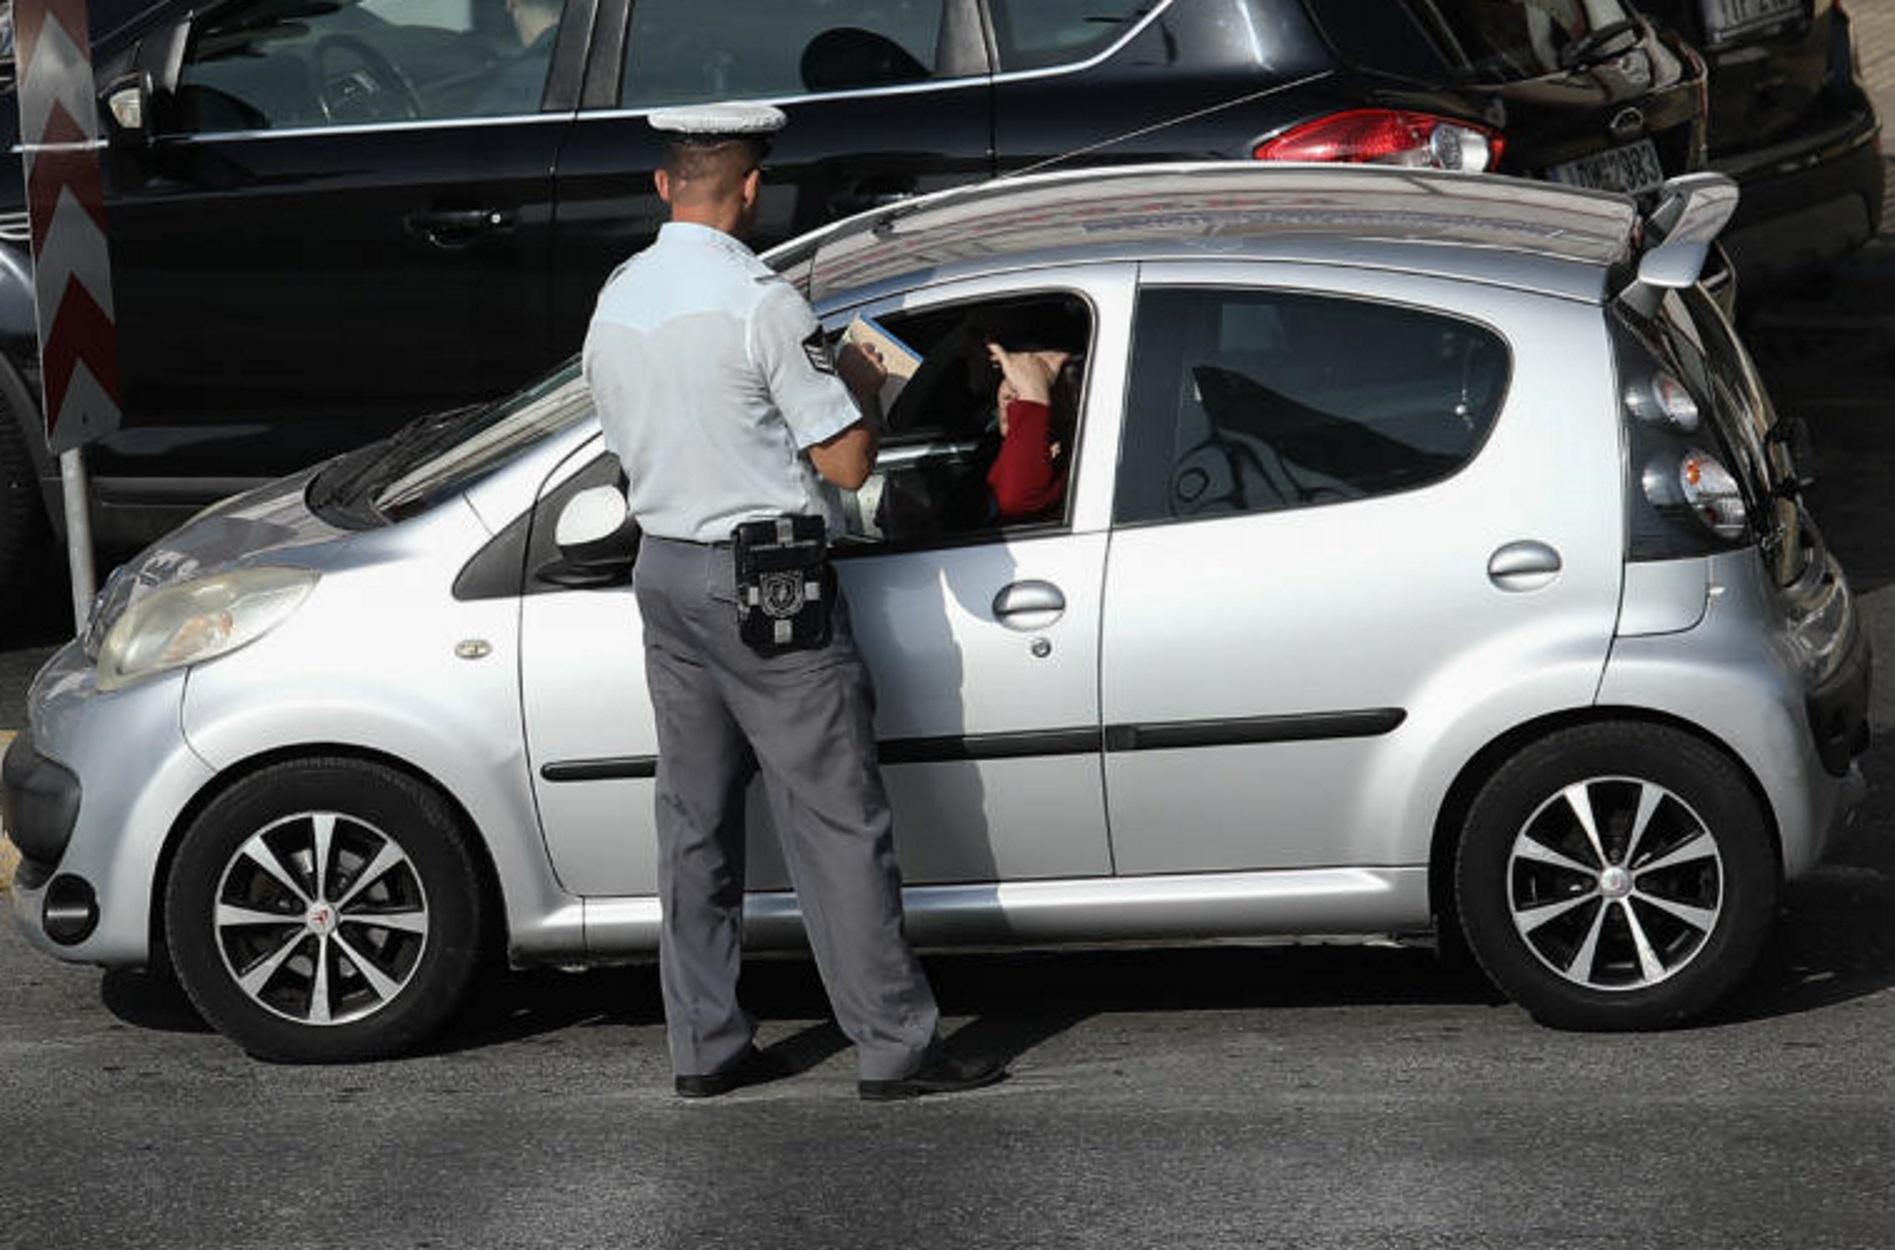 Τροχαία: Χιλιάδες κλήσεις μοίρασε το Σαββατοκύριακο – 9 οδηγοί συνελήφθησαν